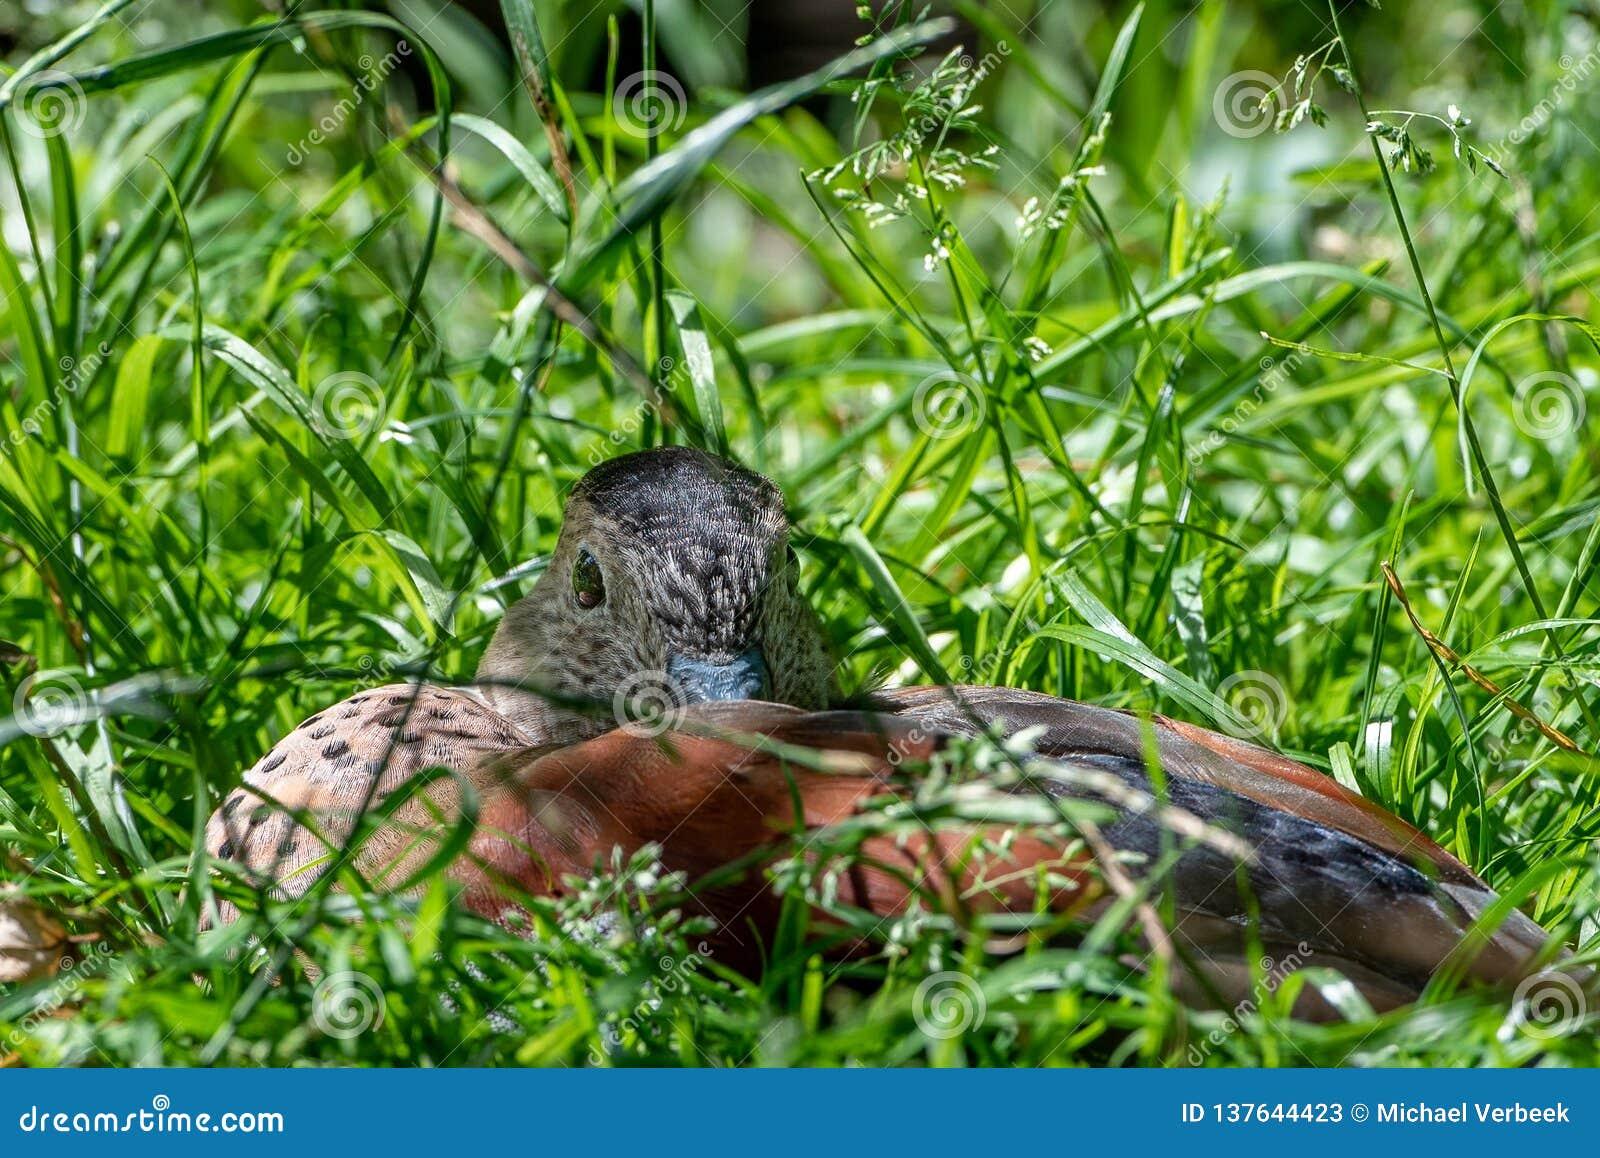 Утка спрятанная в траве